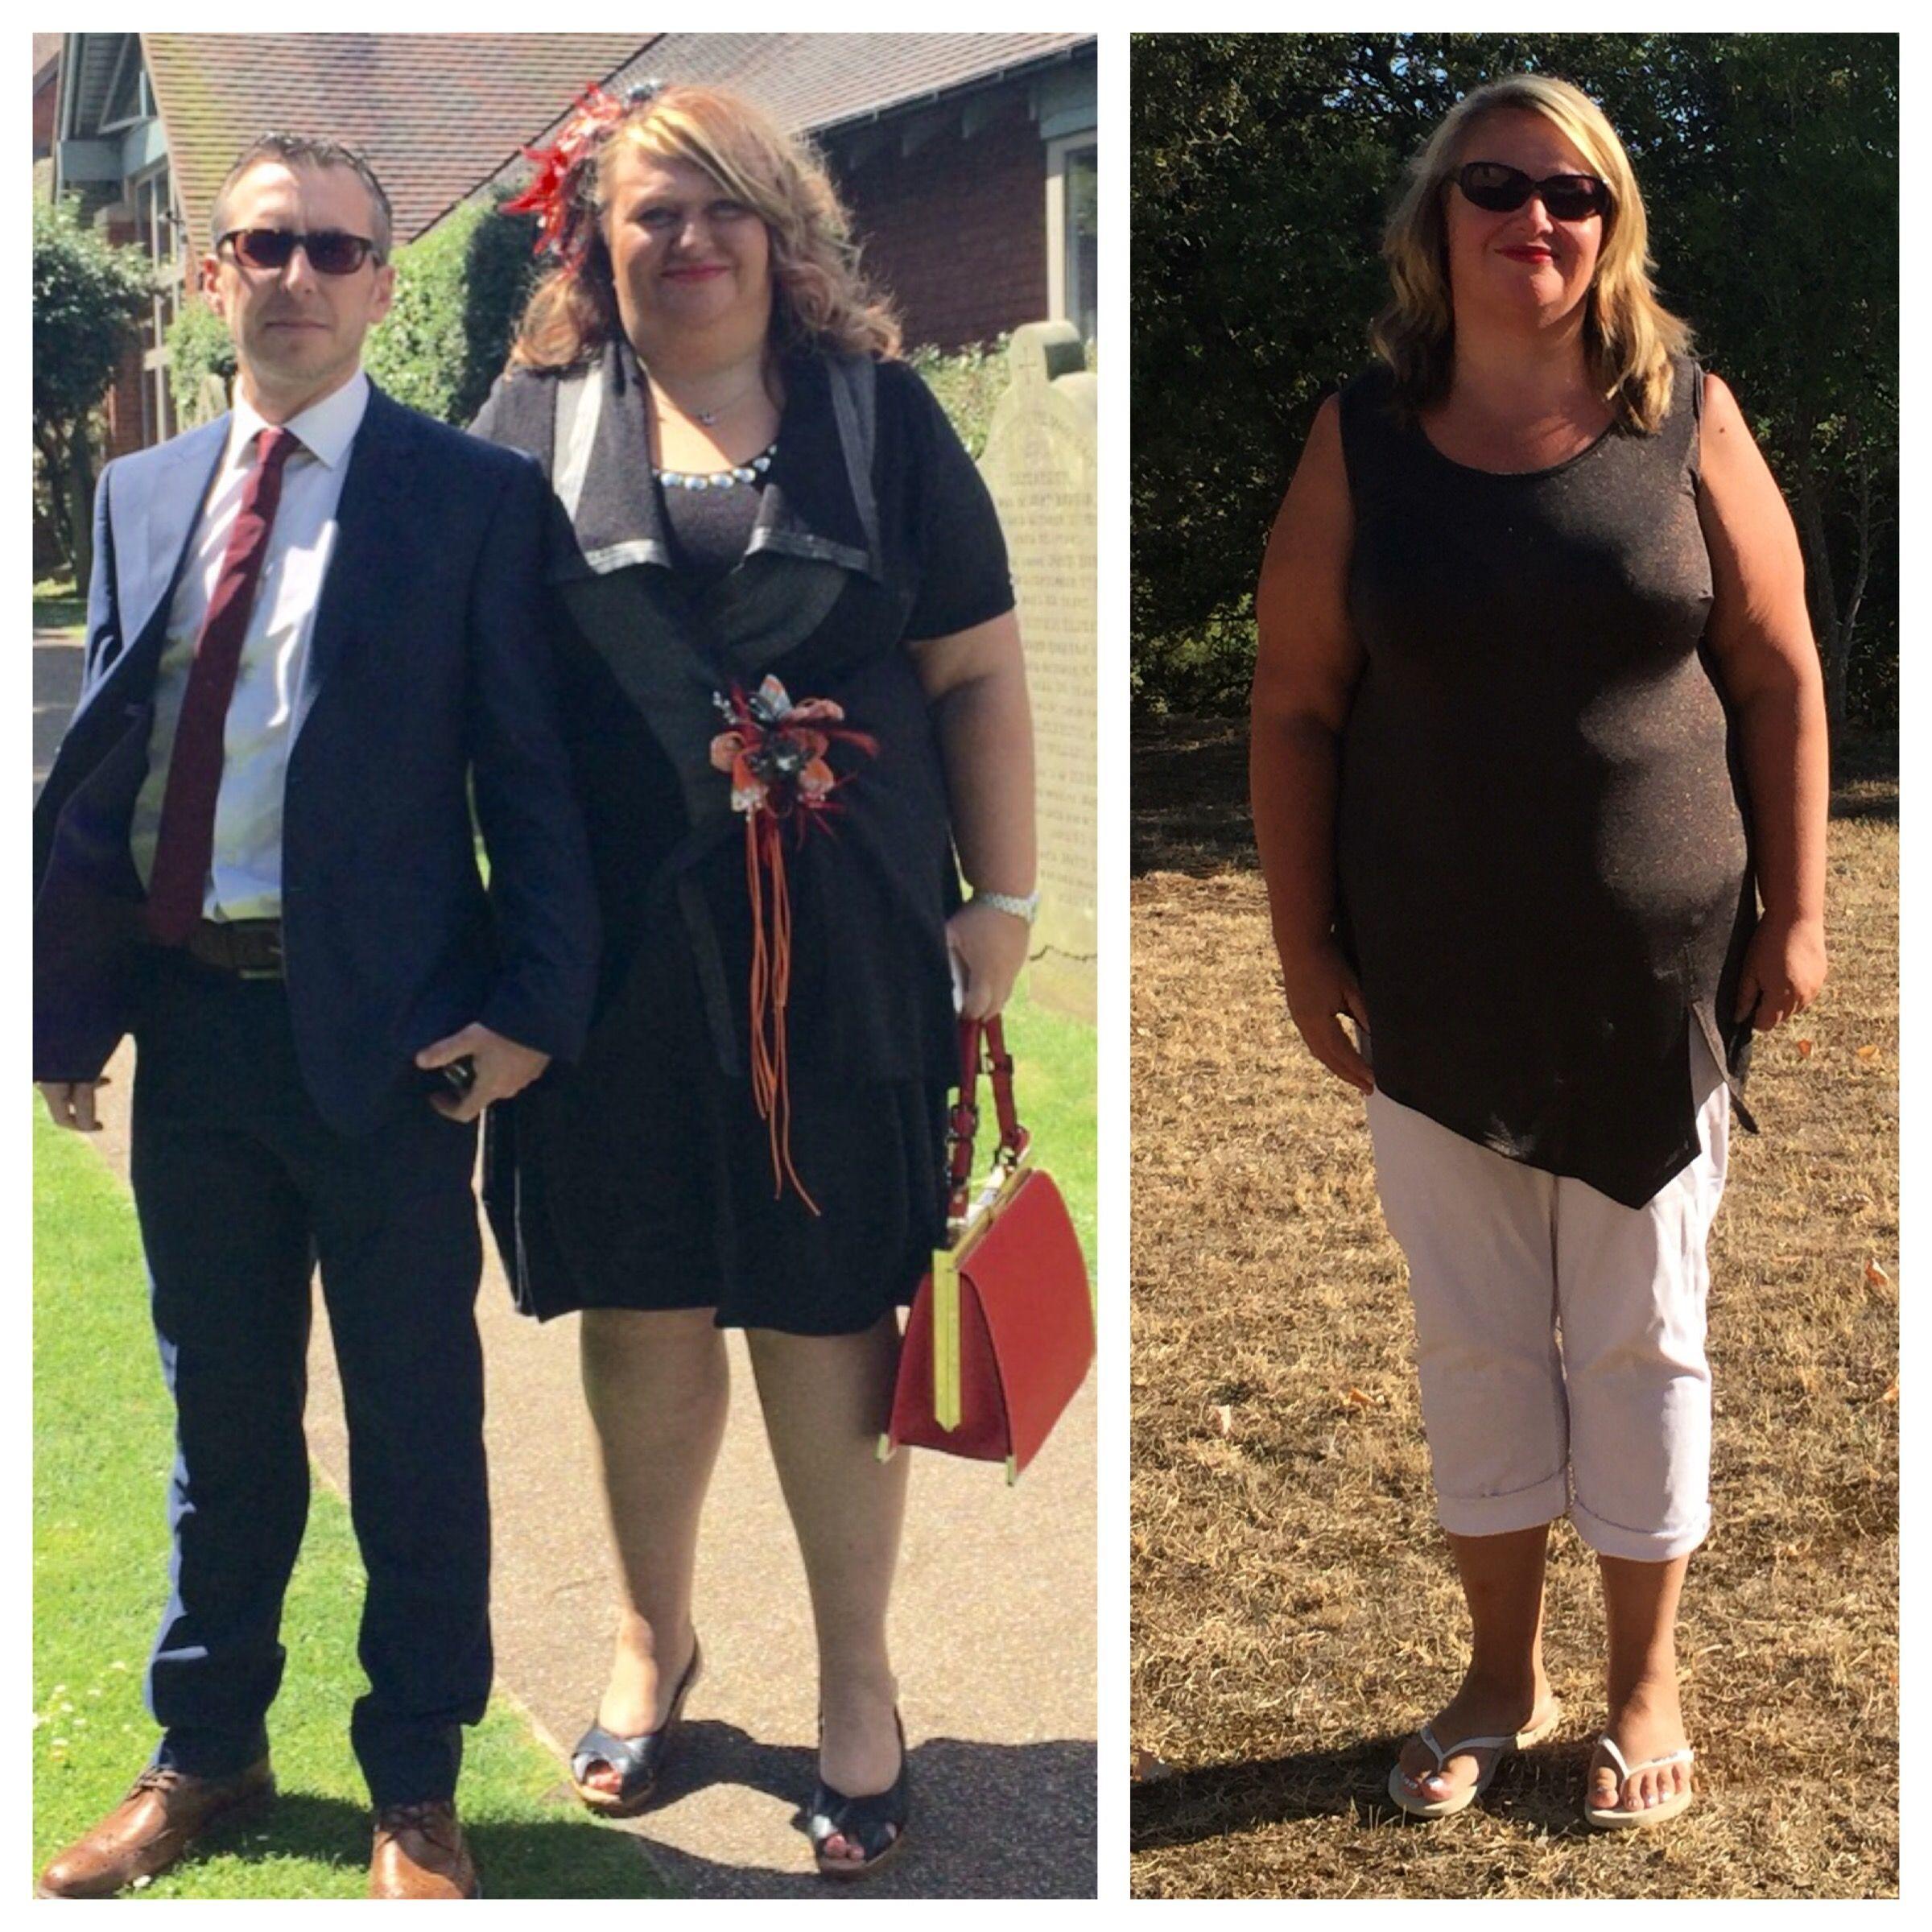 Debbie's 12 months apart photos